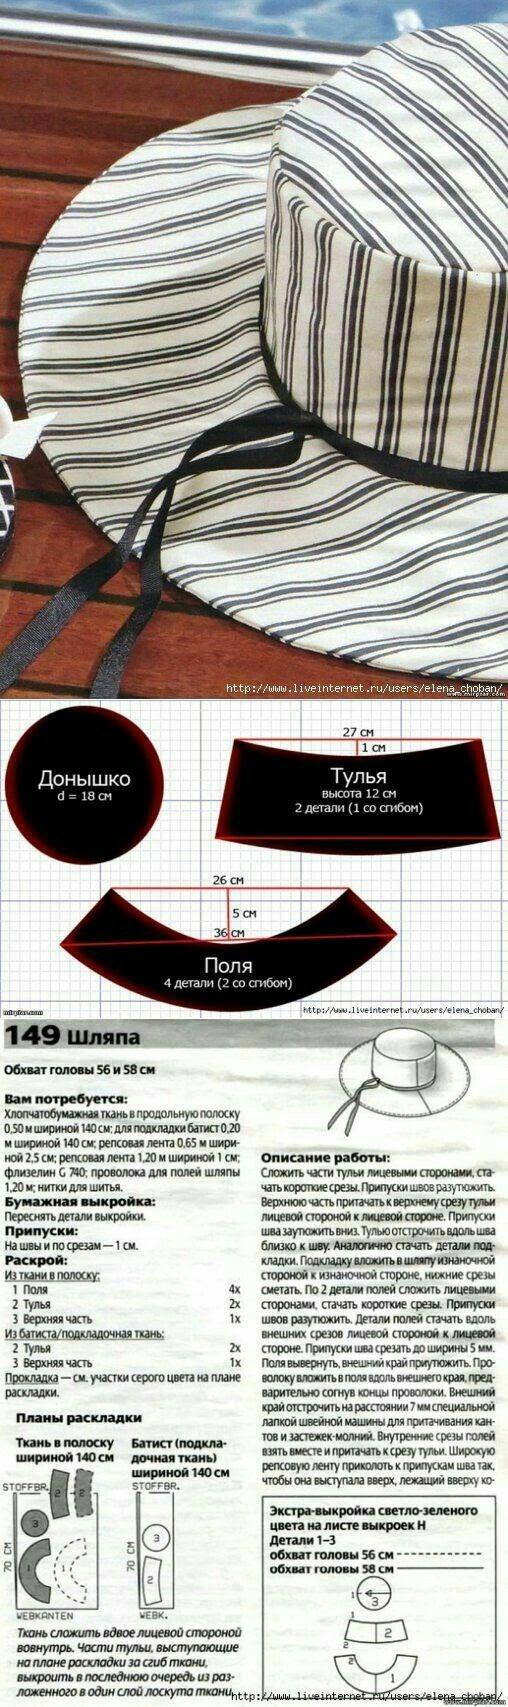 sunhatsdiy | Sewing - Misc Projects | Pinterest | Nähprojekte, Hüte ...